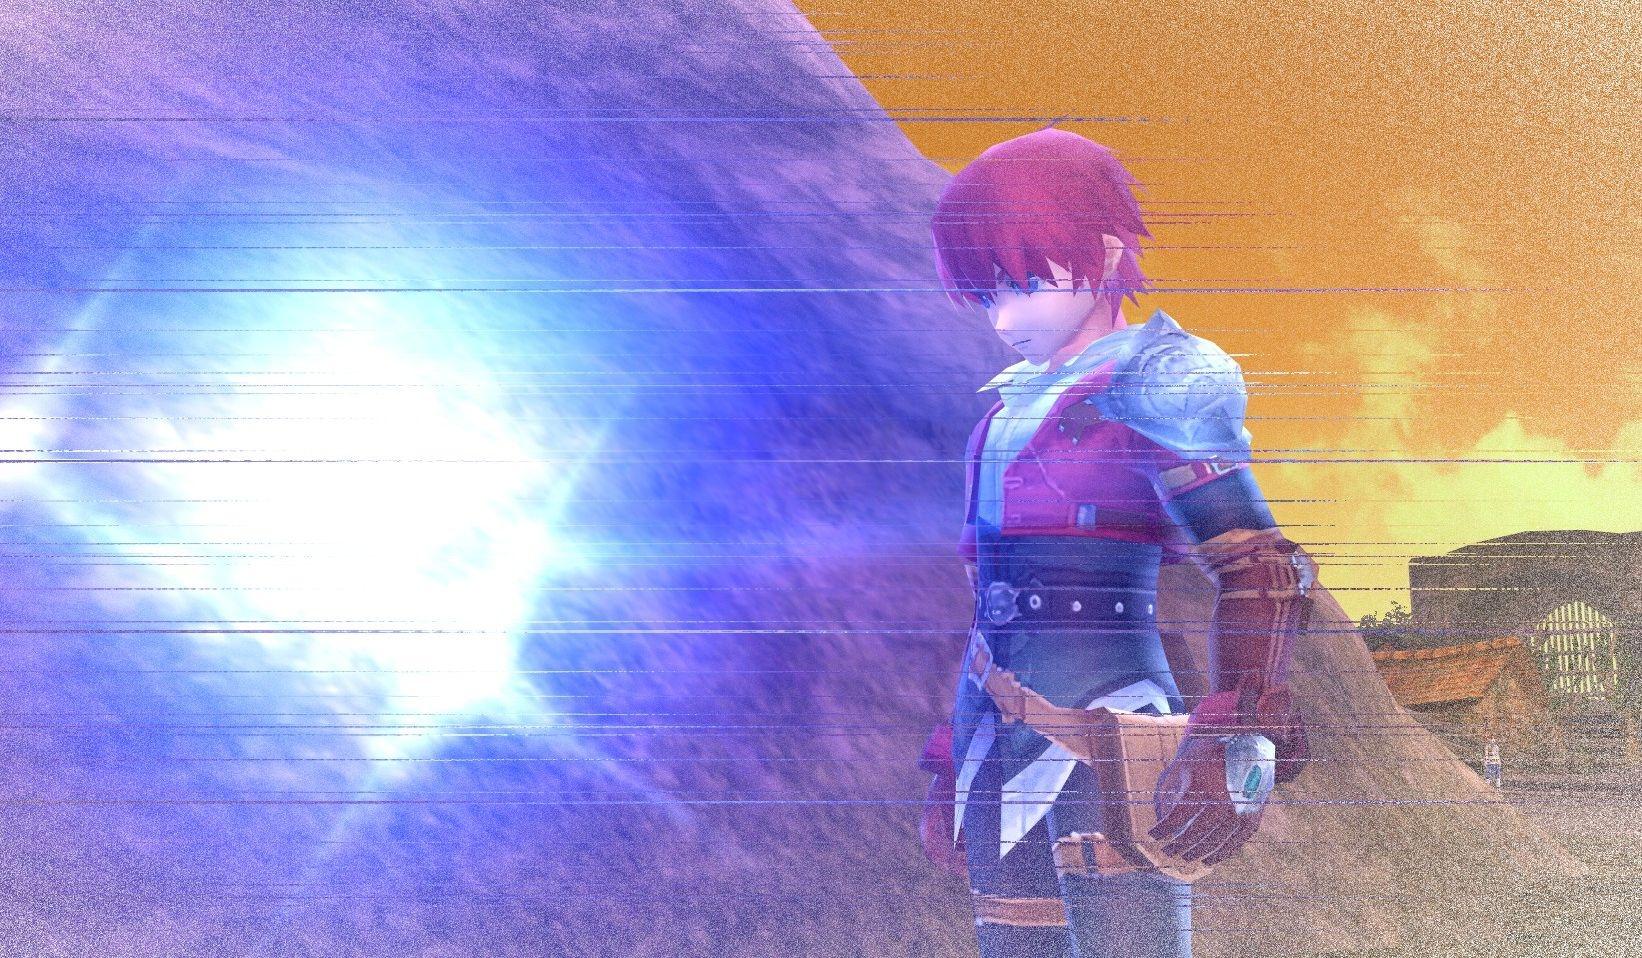 PS4-версия Ys: Memories of Celceta выйдет на Западе весной